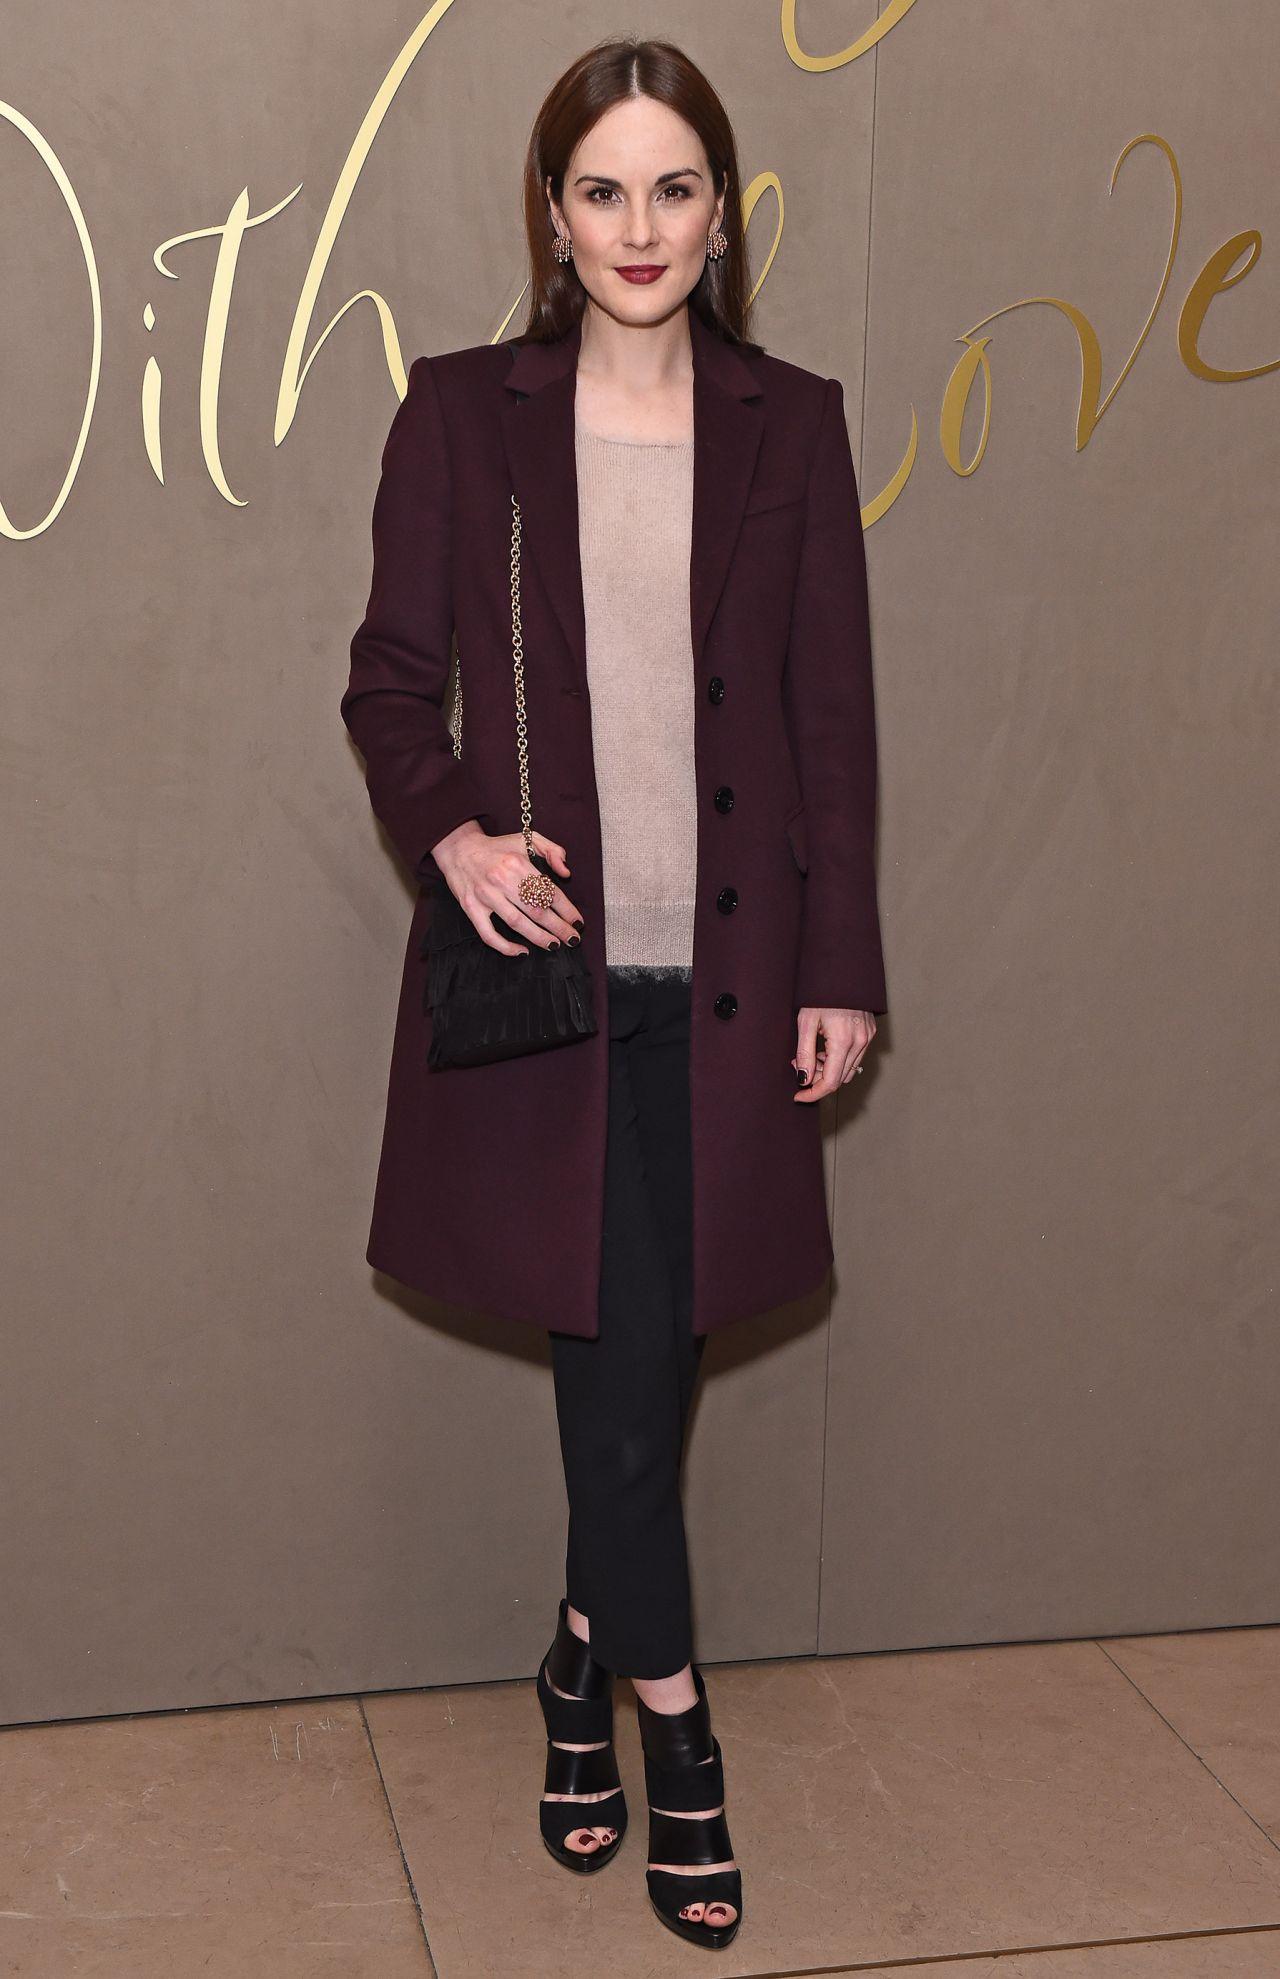 Michelle Dockery Burberry Festive Film Premiere In London